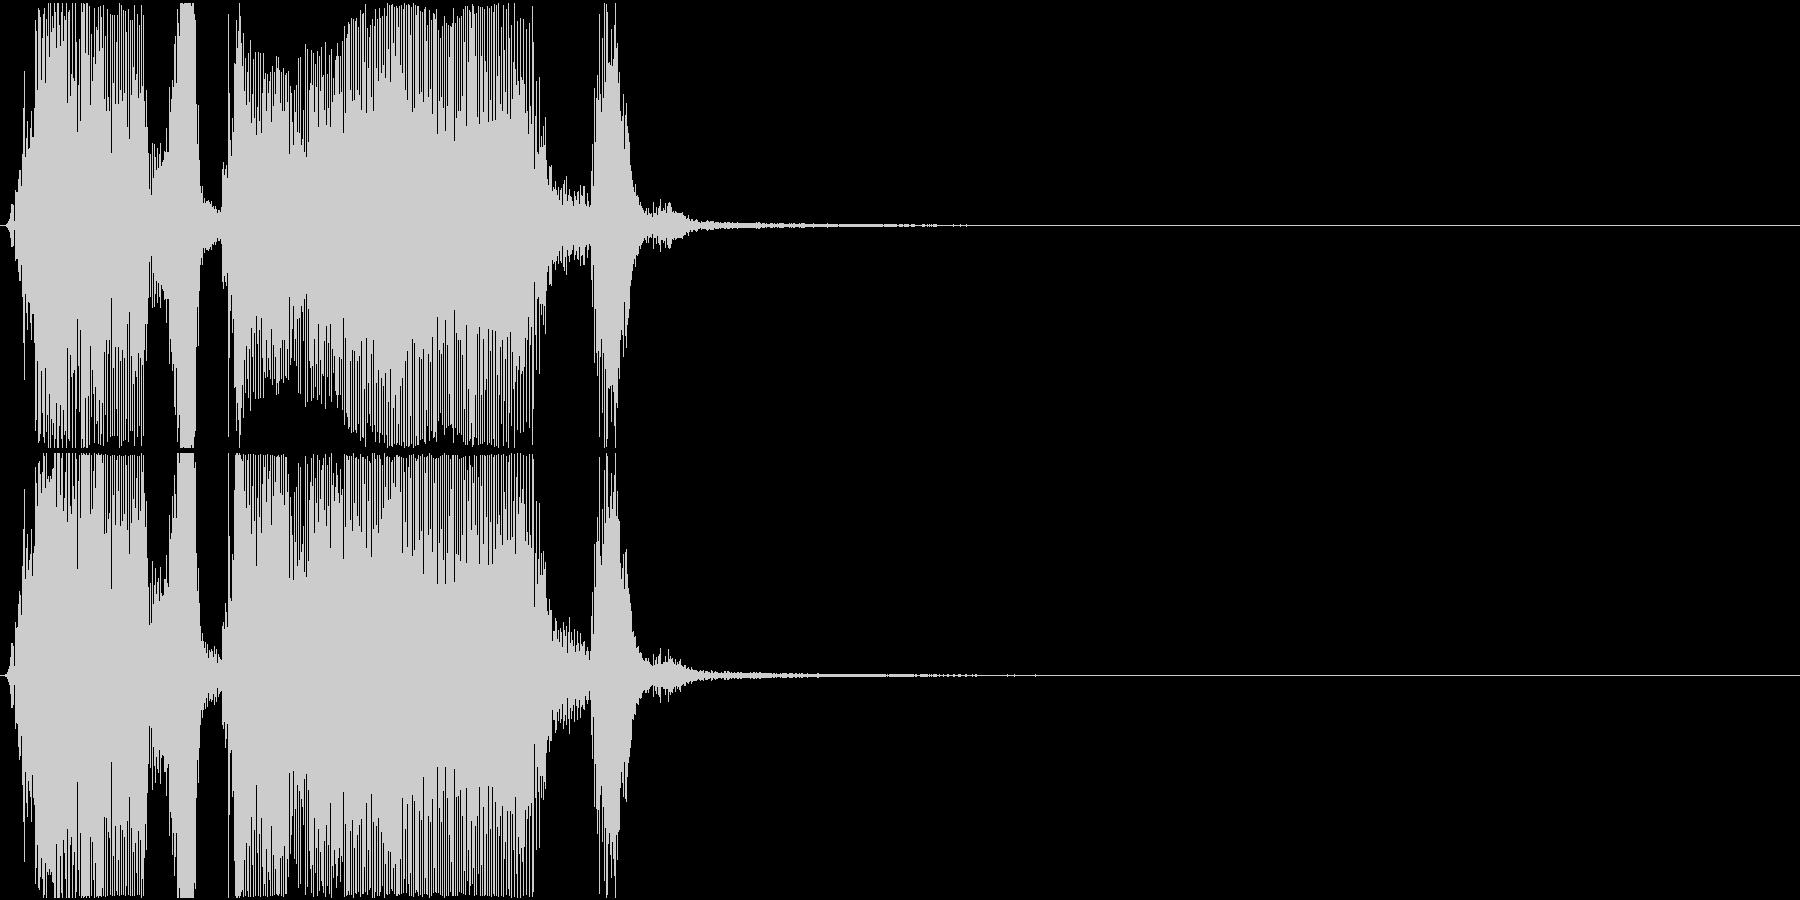 「ザッツグレート!」ゲーム・アプリ用の未再生の波形